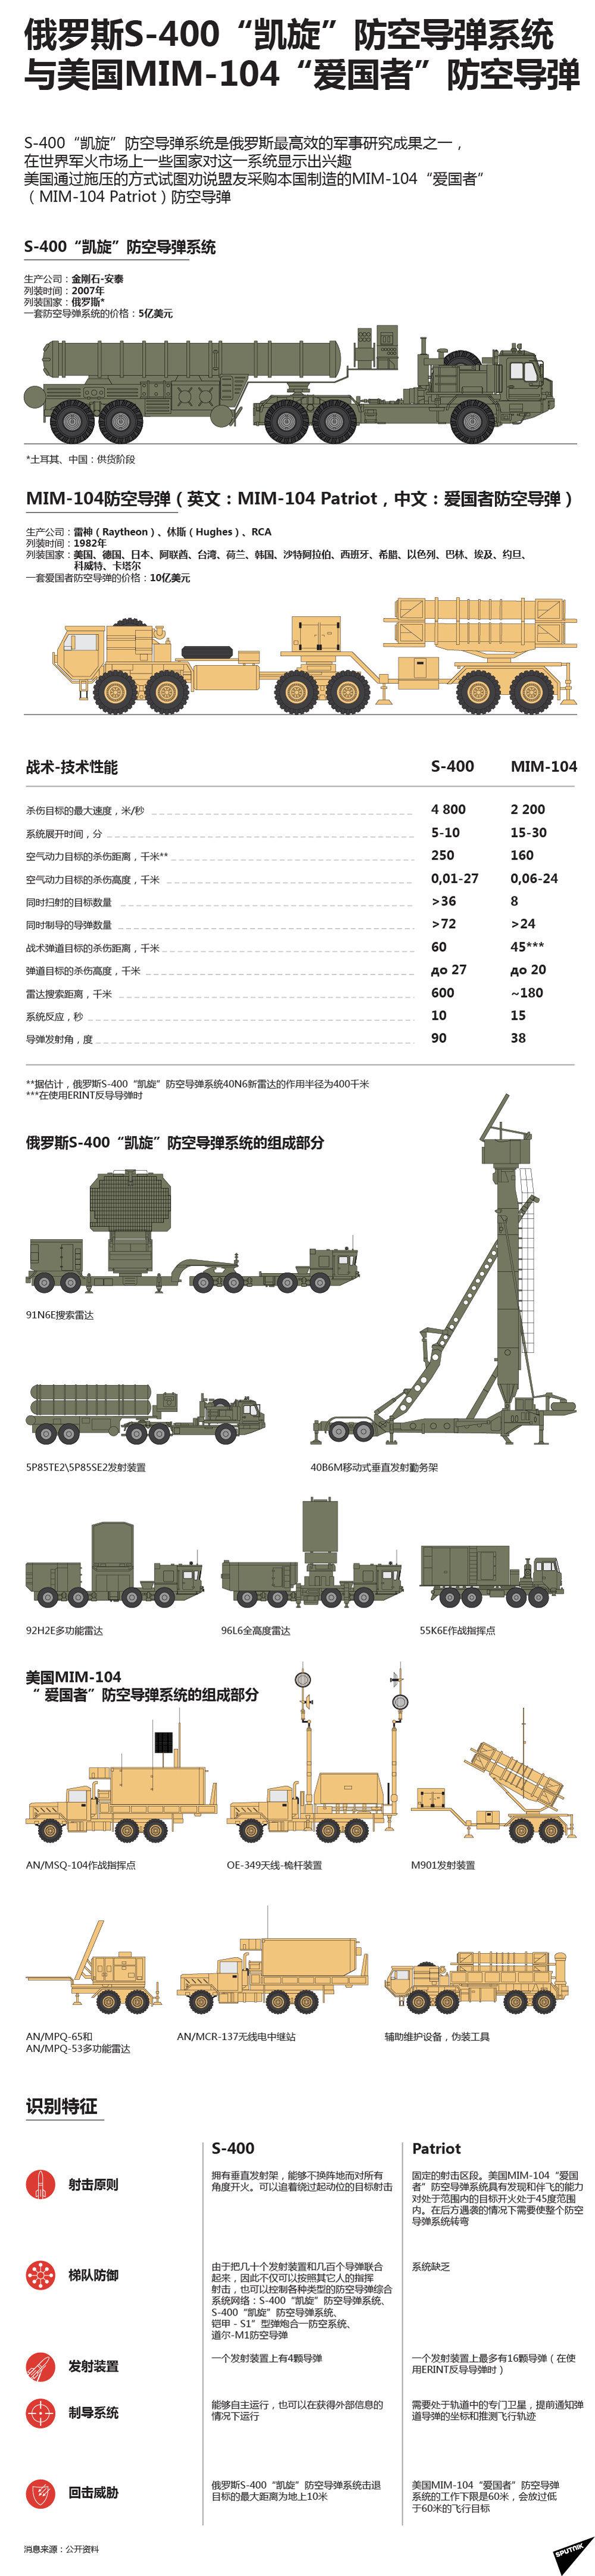 """俄罗斯S-400""""凯旋""""防空导弹系统与美国MIM-104""""爱国者""""防空导弹"""